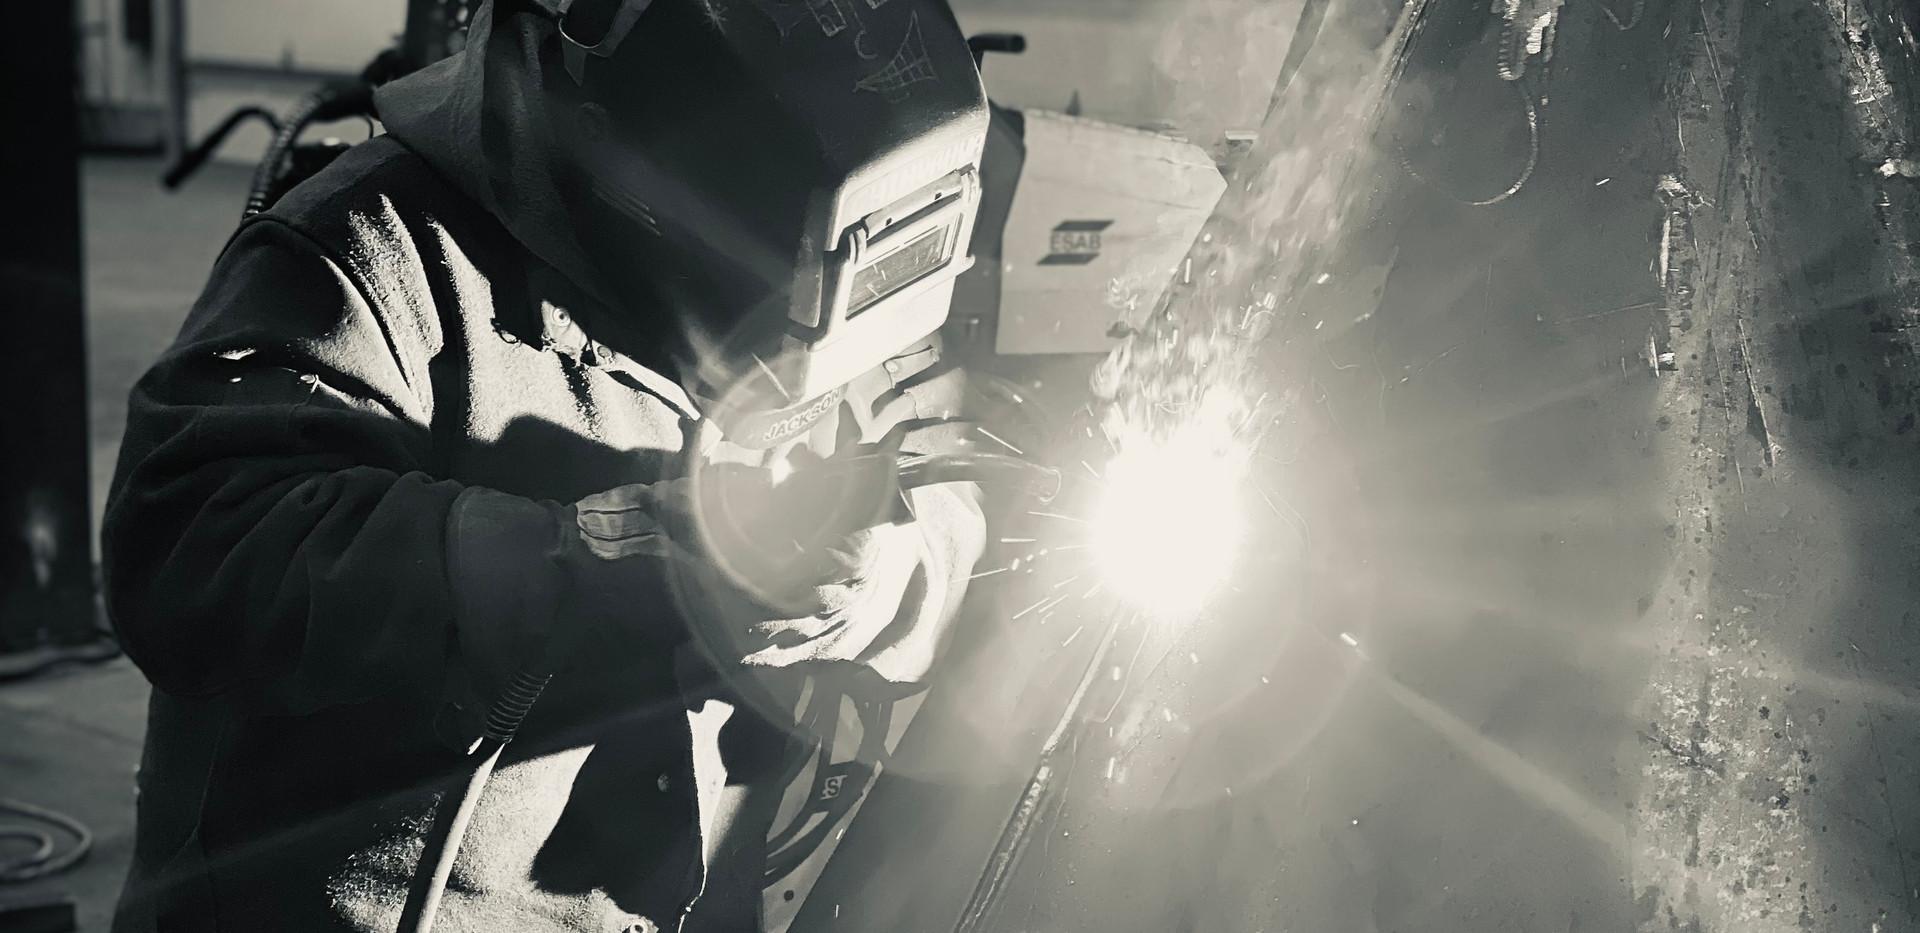 Welding work on triangular cylinder pris